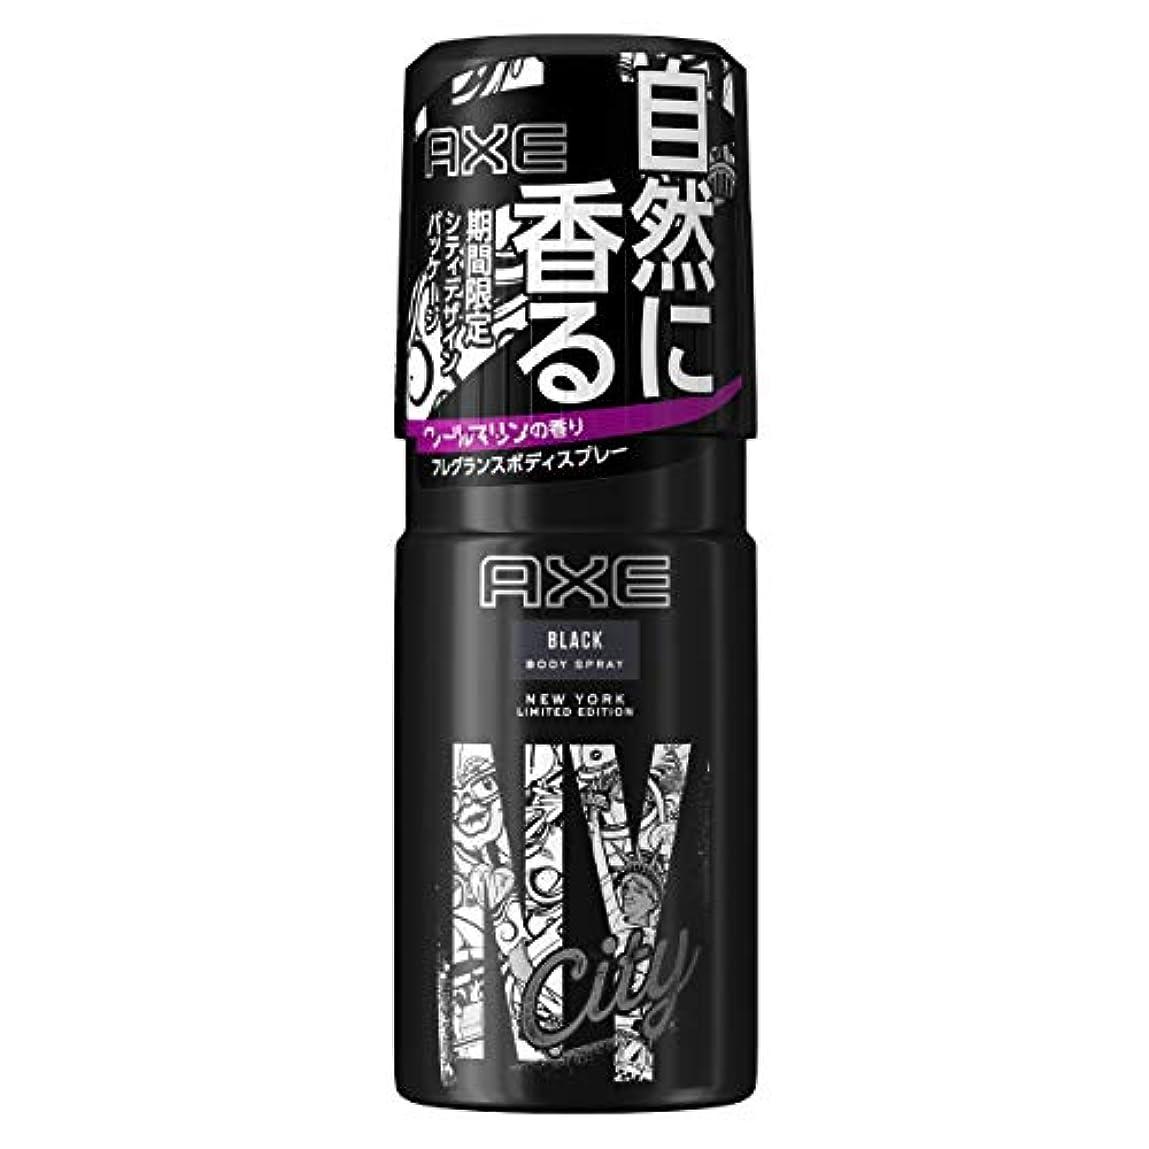 難民パワーセルコーデリアアックス フレグランス ボディスプレー ブラック 60g (クールマリンのさりげない香り)